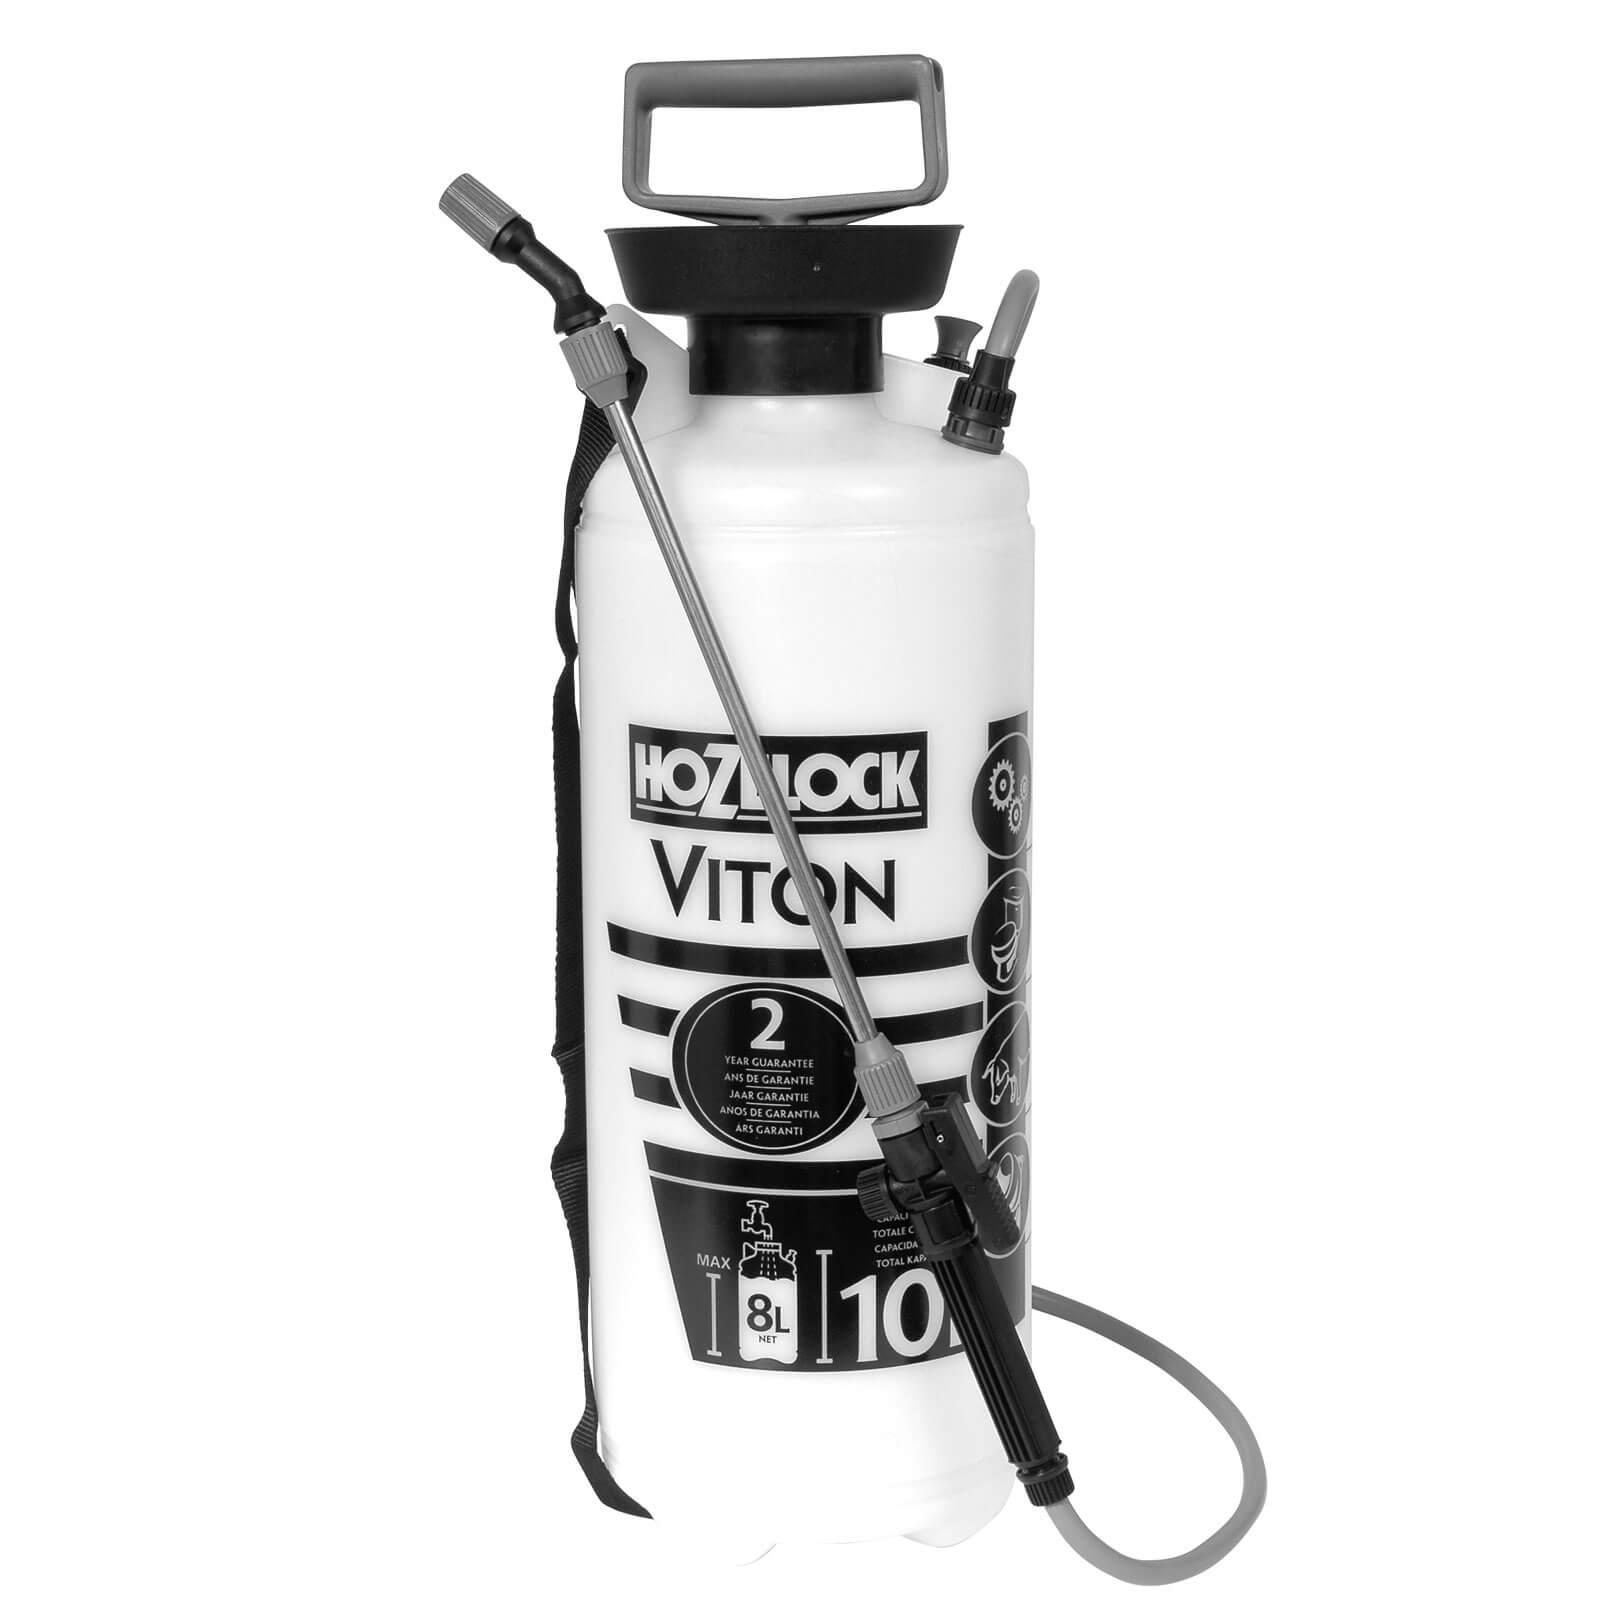 hozelock sprayer assembly instructions